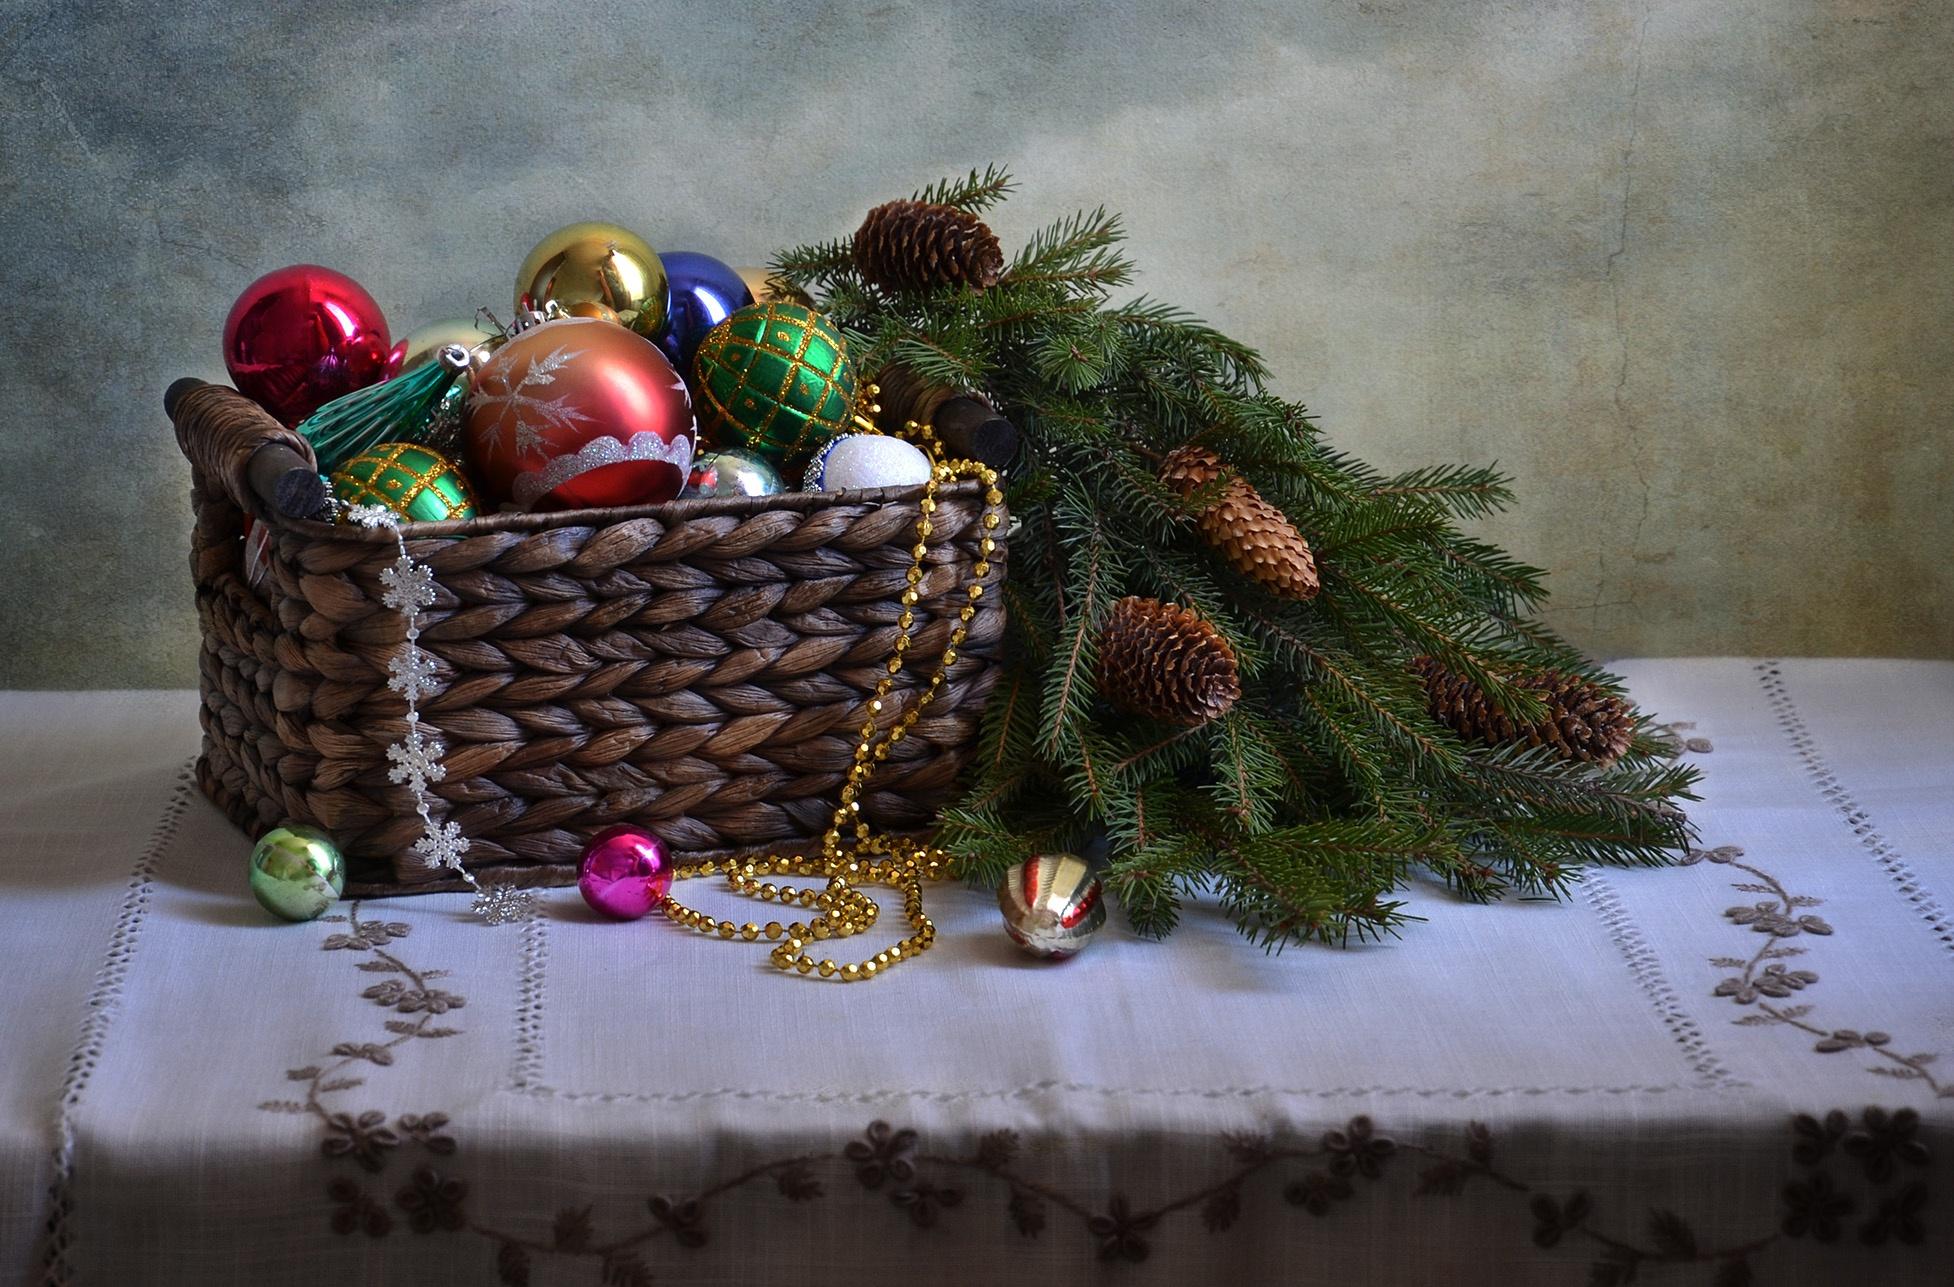 новый год,корзинки,игрушки,хвойные лапы,шишки  № 639567 загрузить